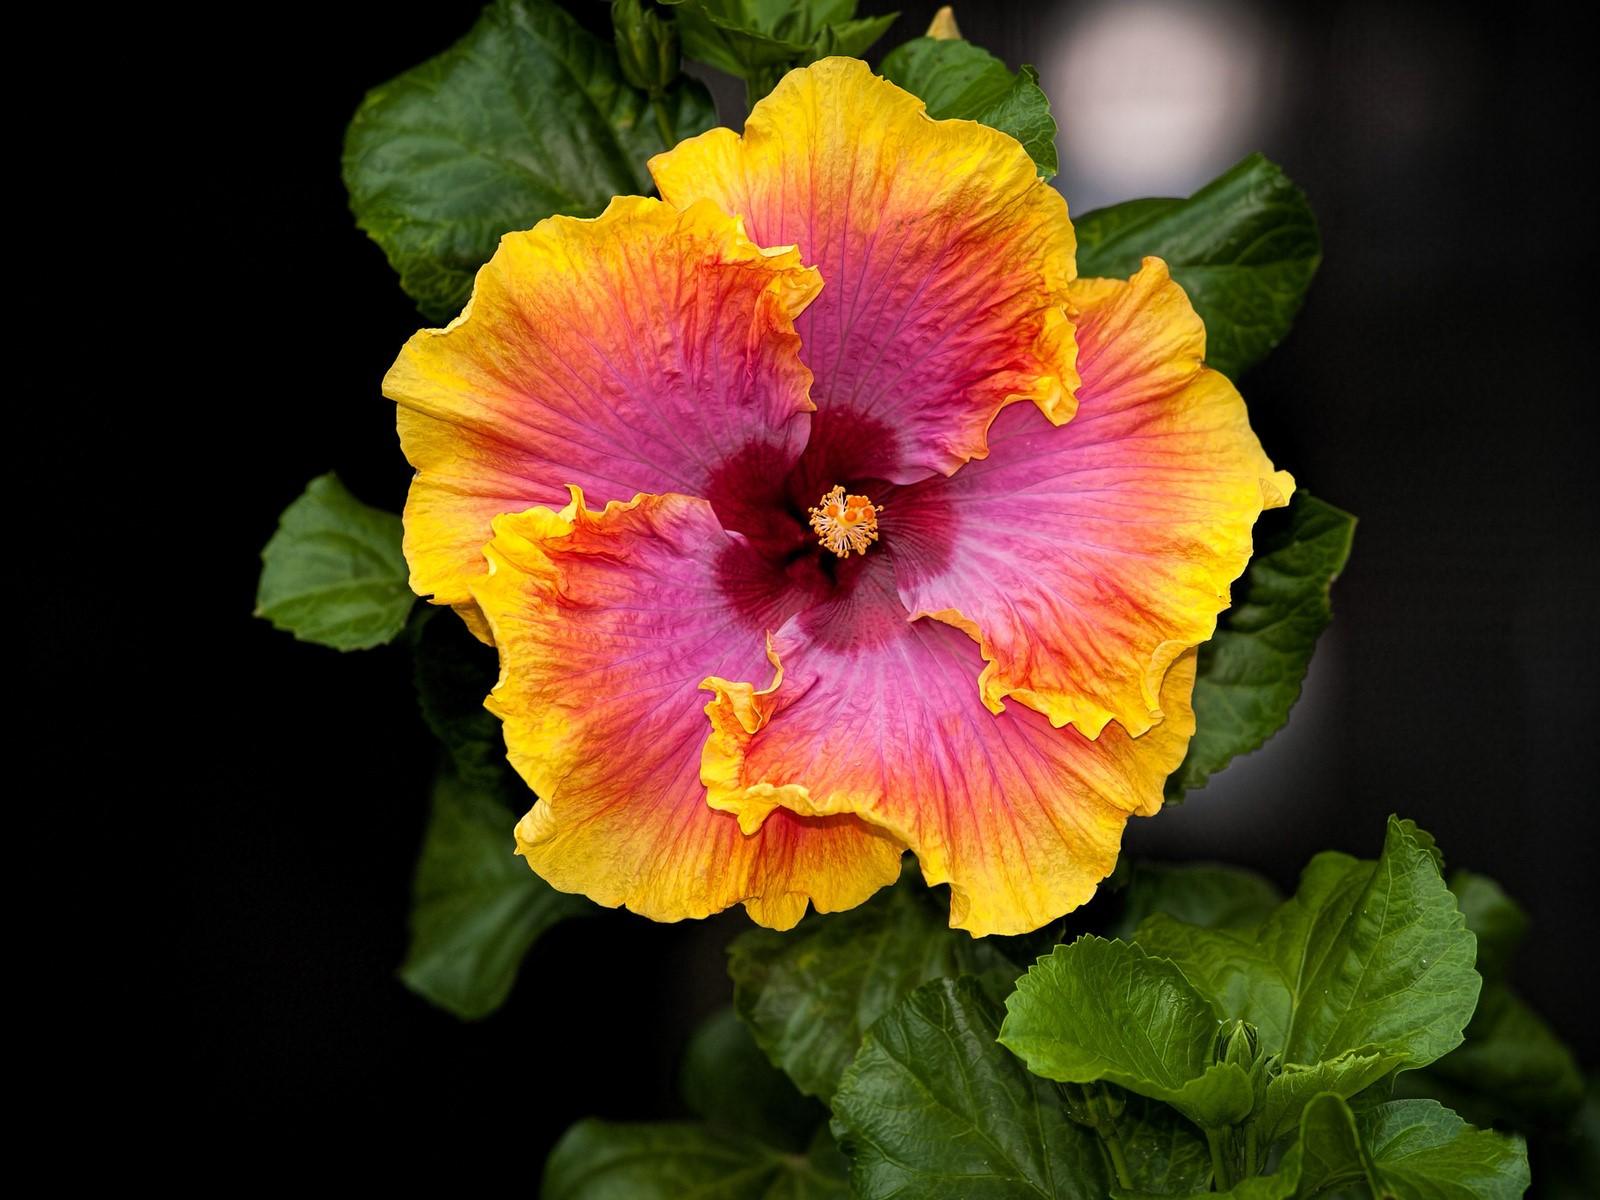 Полумахровый цветок гибискуса необычной расцветки